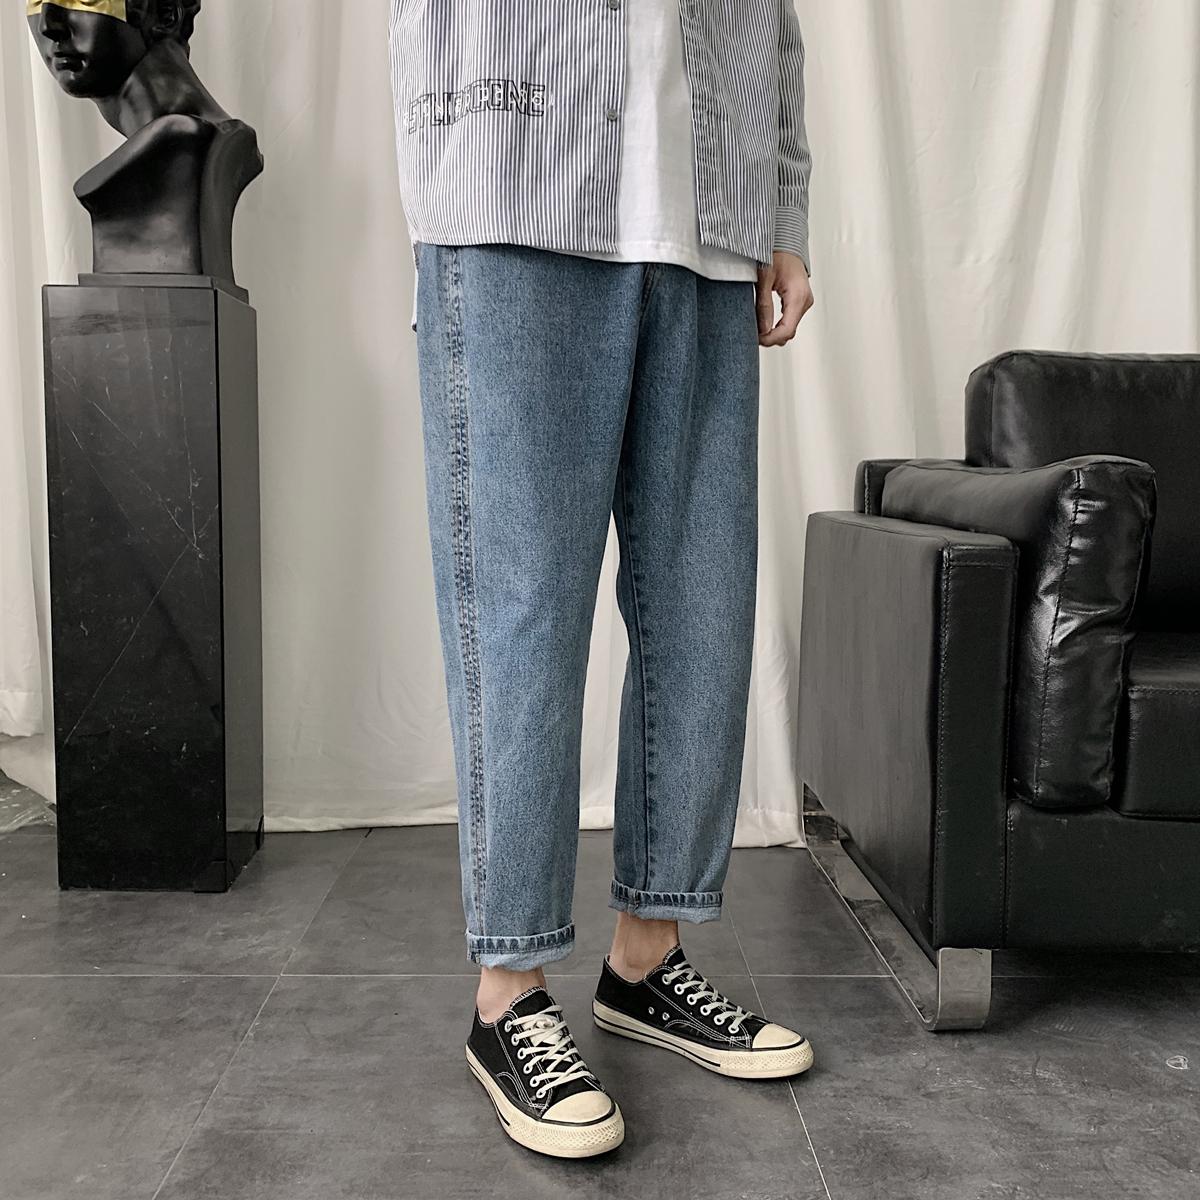 秋季港风潮男韩版修身小脚牛仔裤休闲裤精品NK8901A-P55-控69